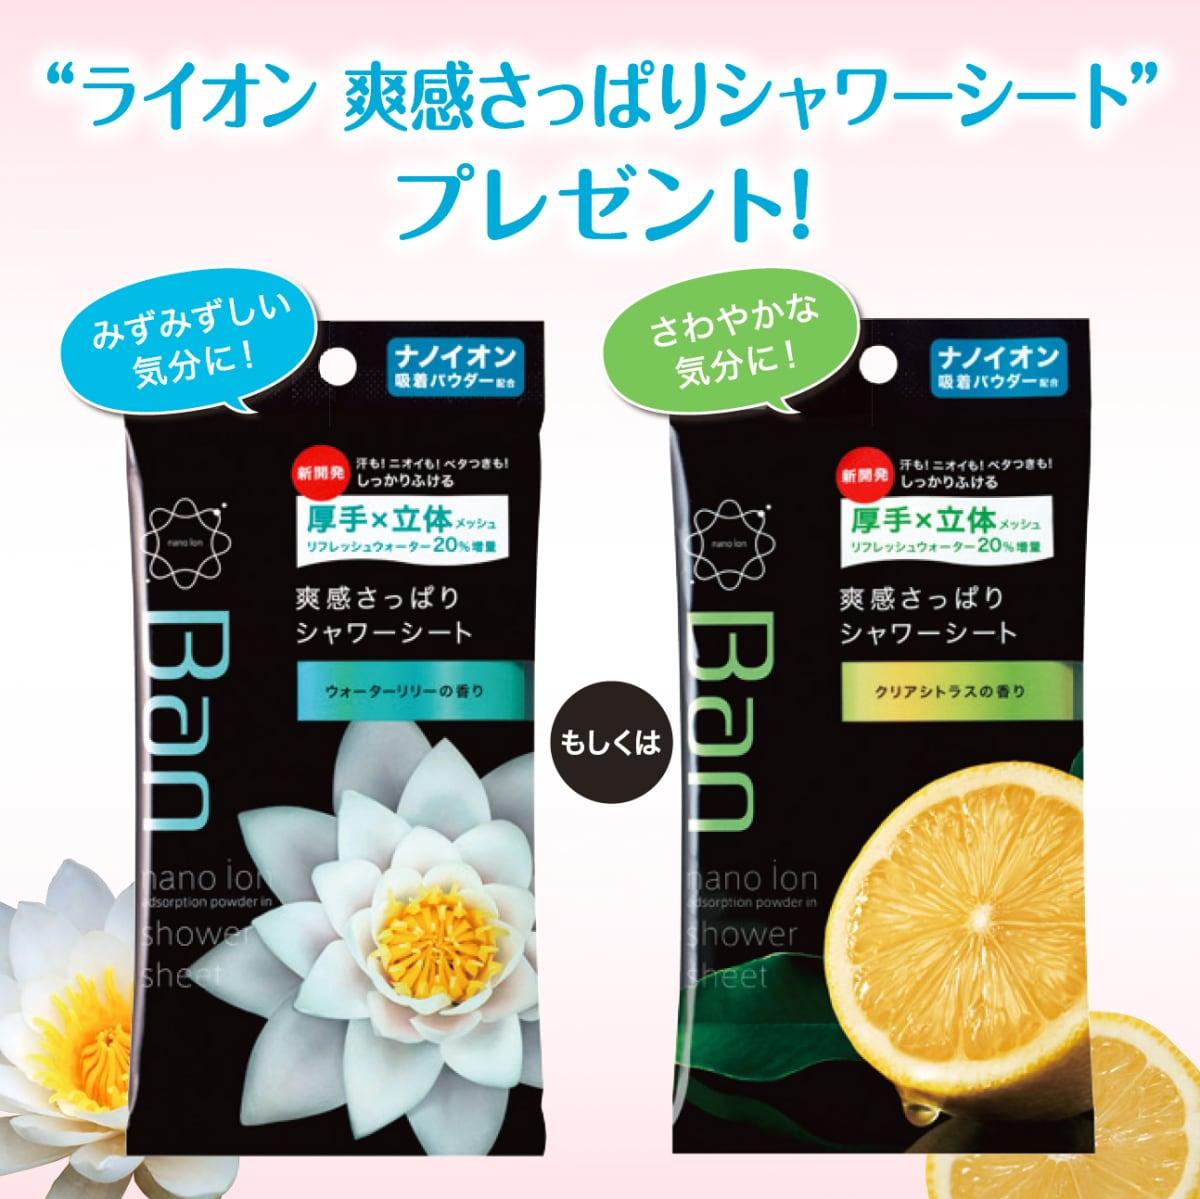 569759a52dbcf 569756cf67f82 744746377 松本清药妆里的招牌商品